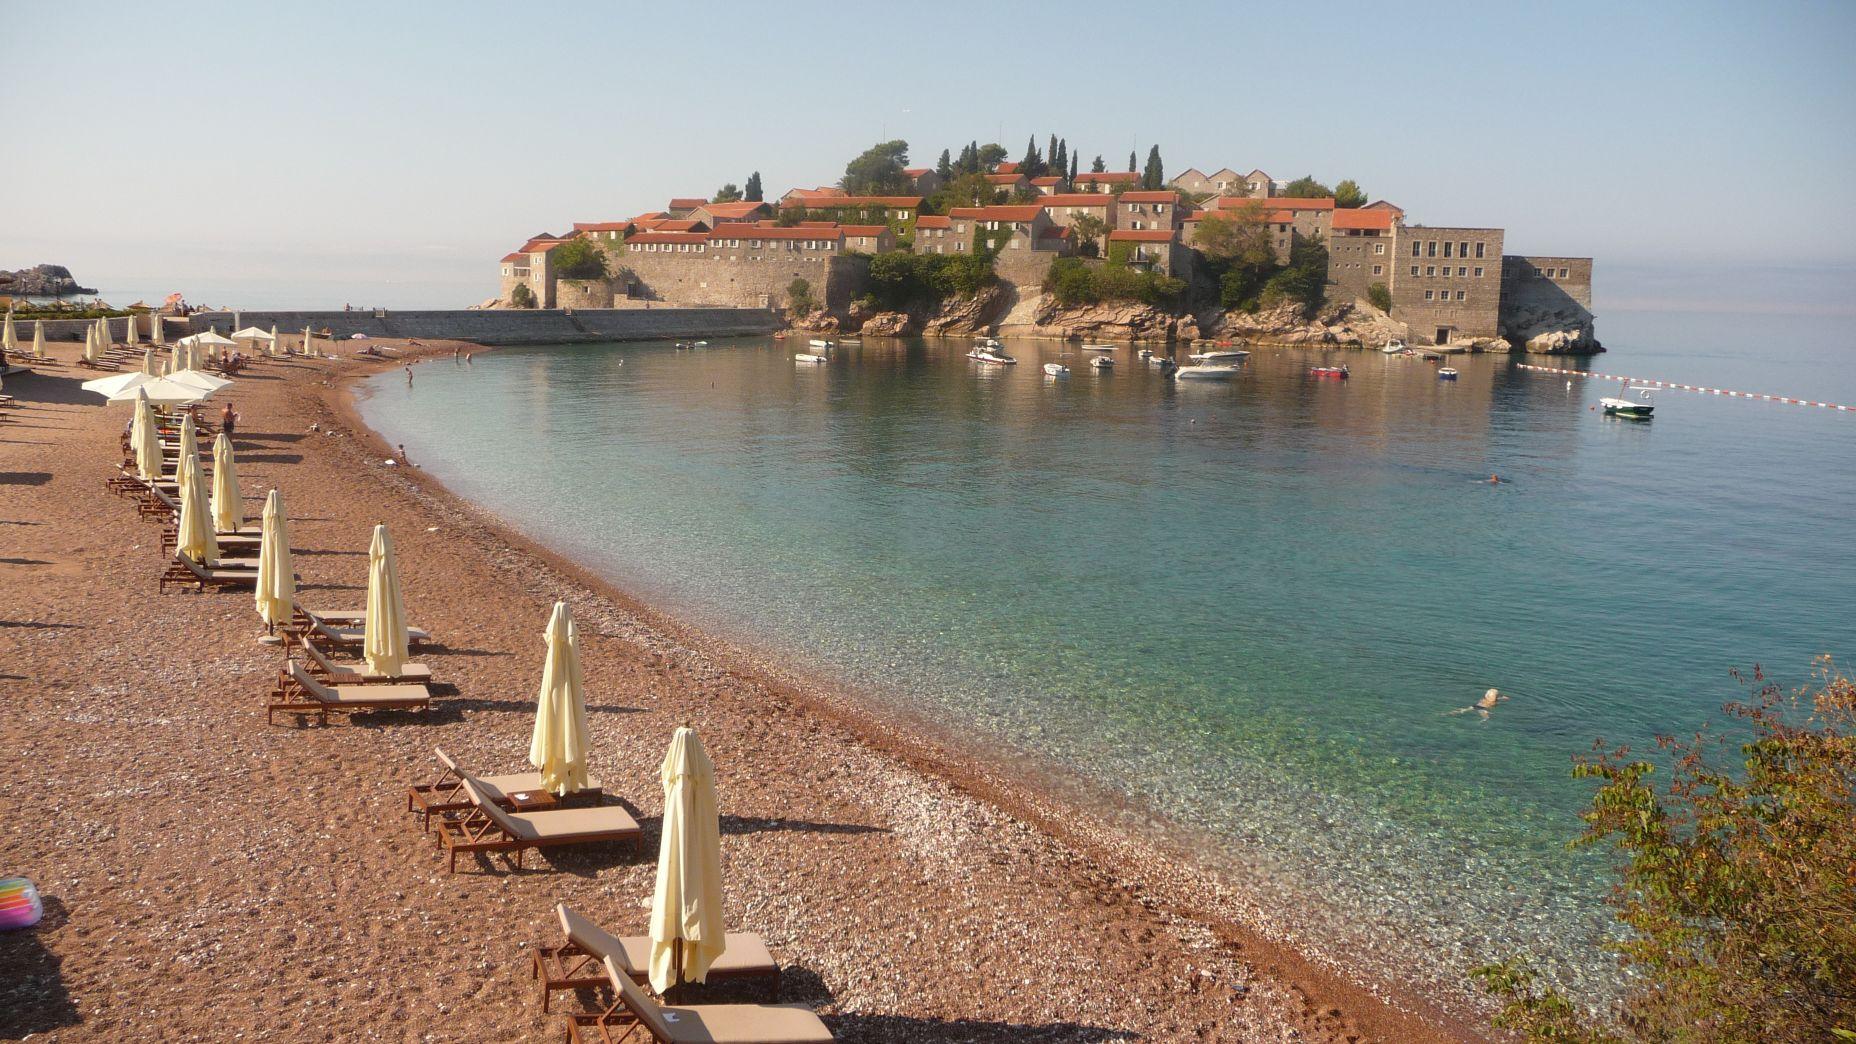 Bałkany - Czarnogóra - przewodnik-zdjęcia-atrakcje turystyczne